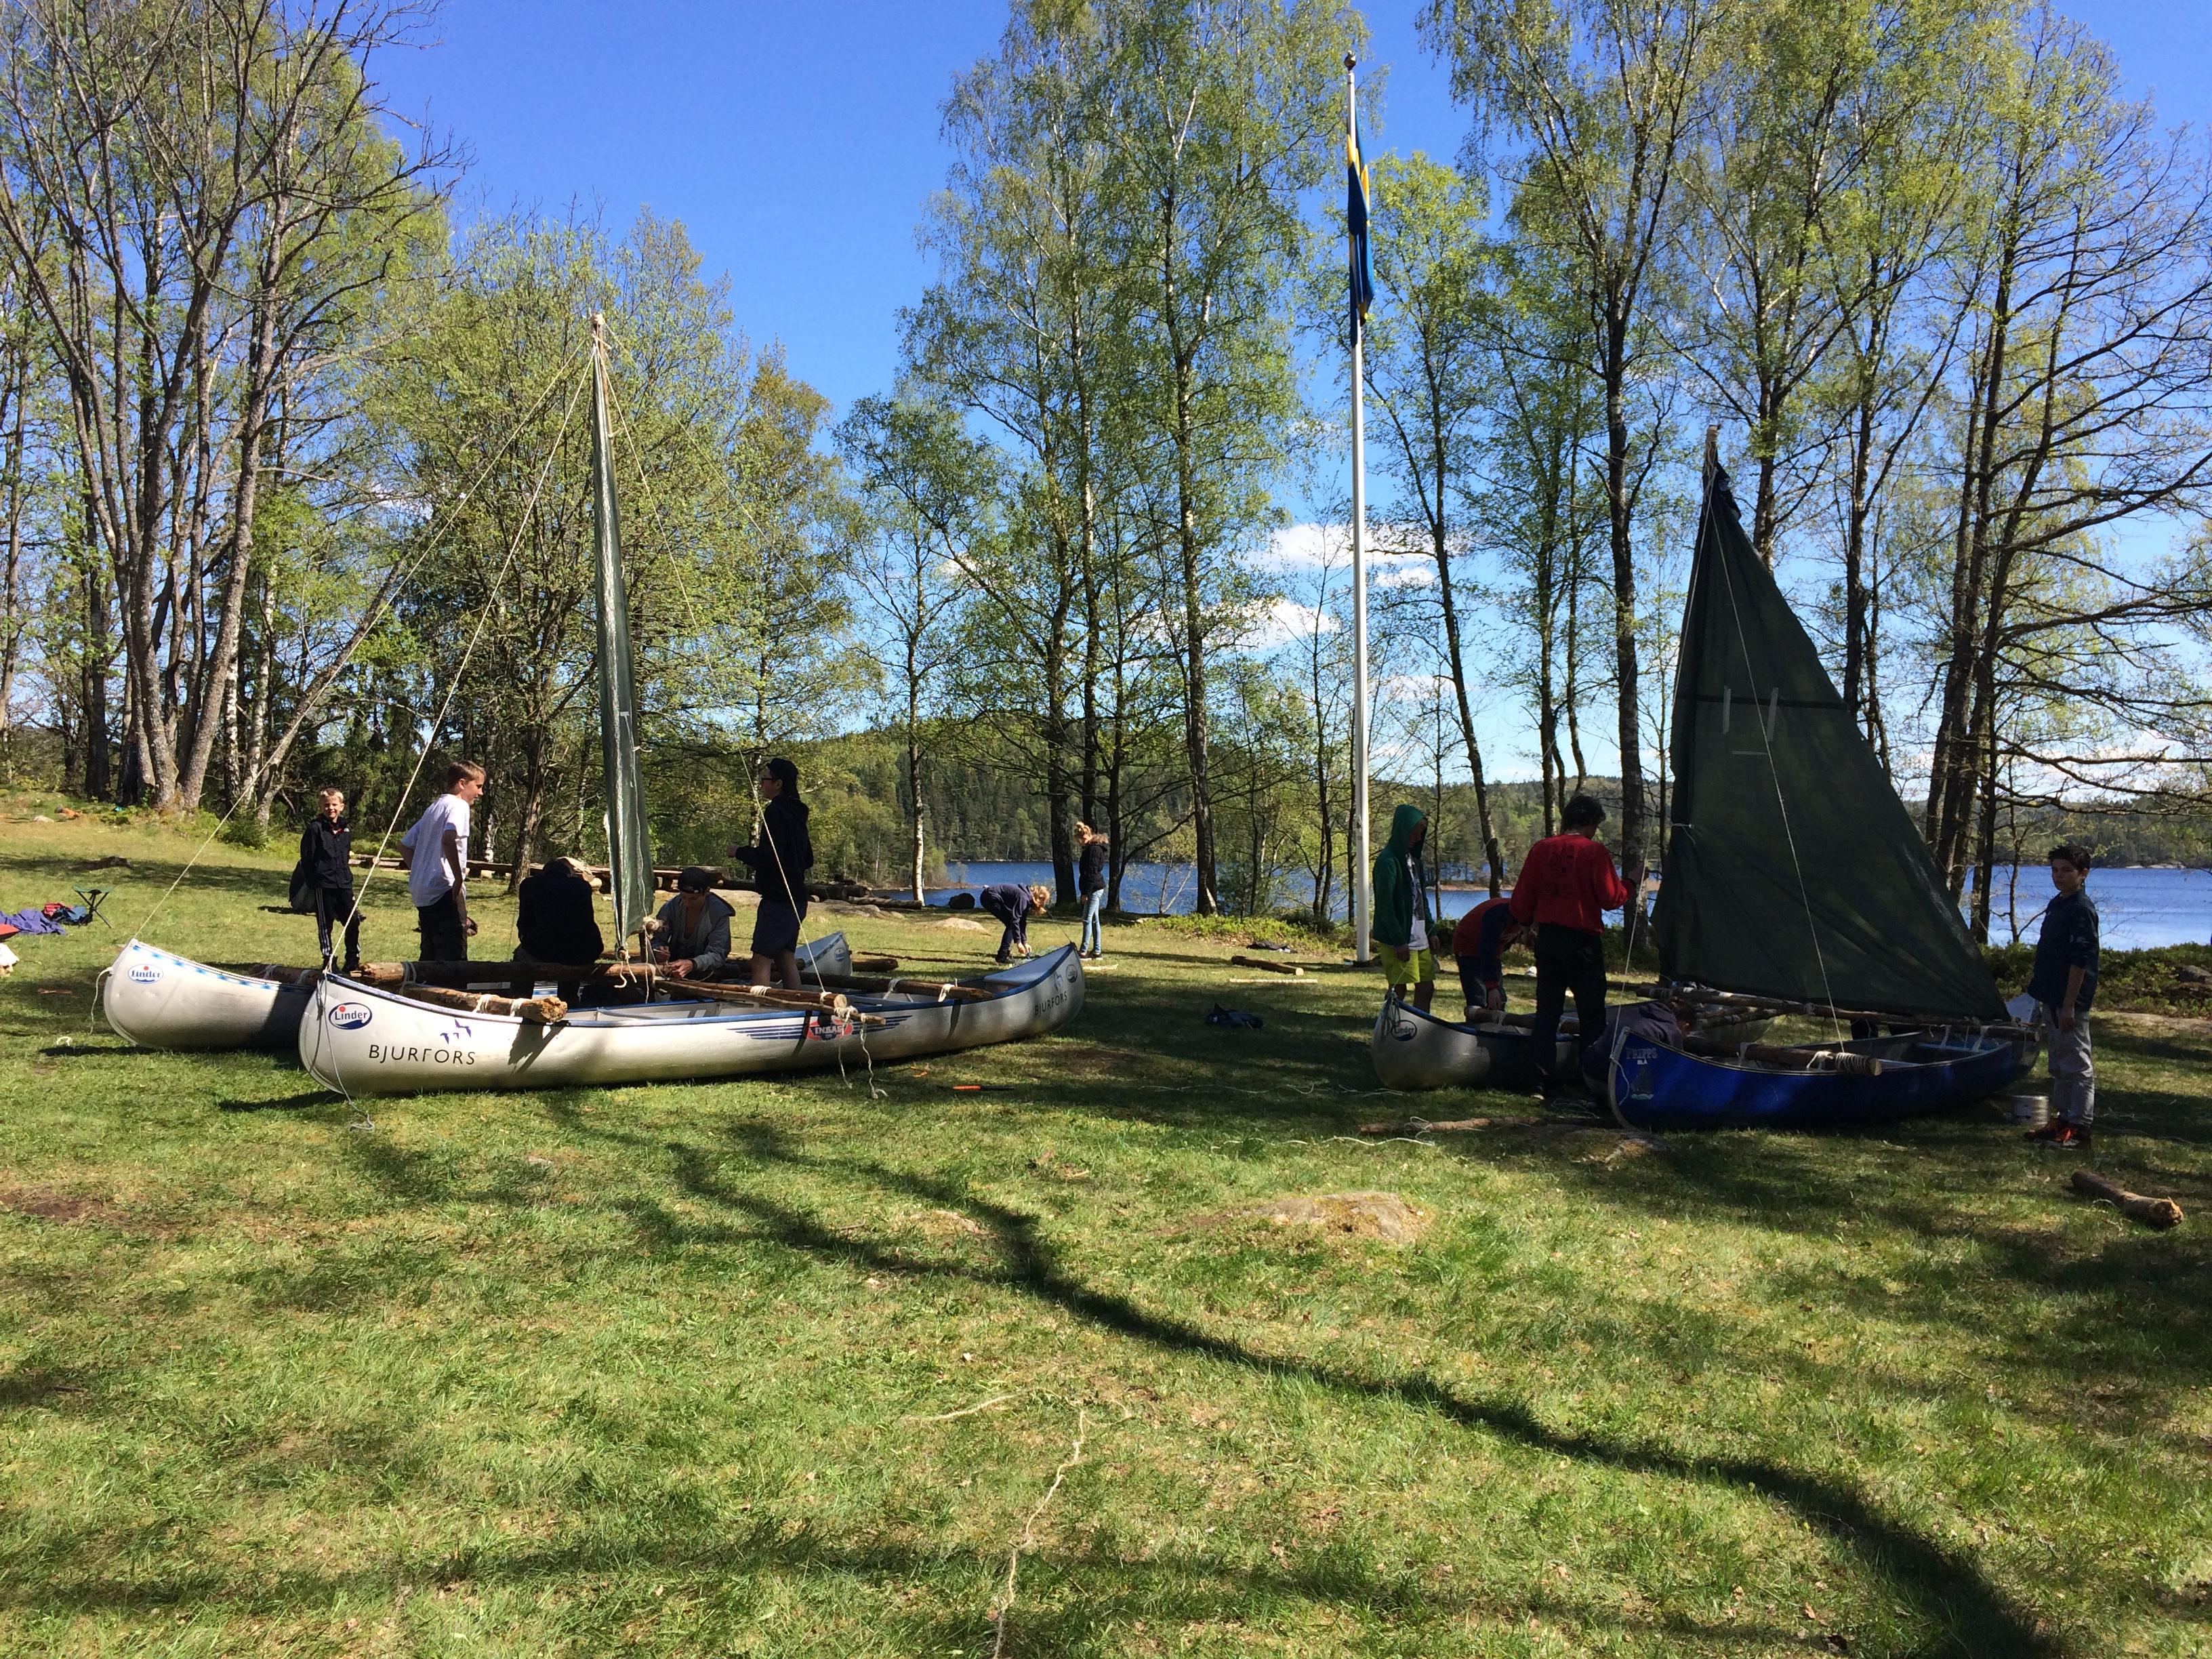 Sundet_2015_Sjörövare_riggat_och_klart_för_sjösättning